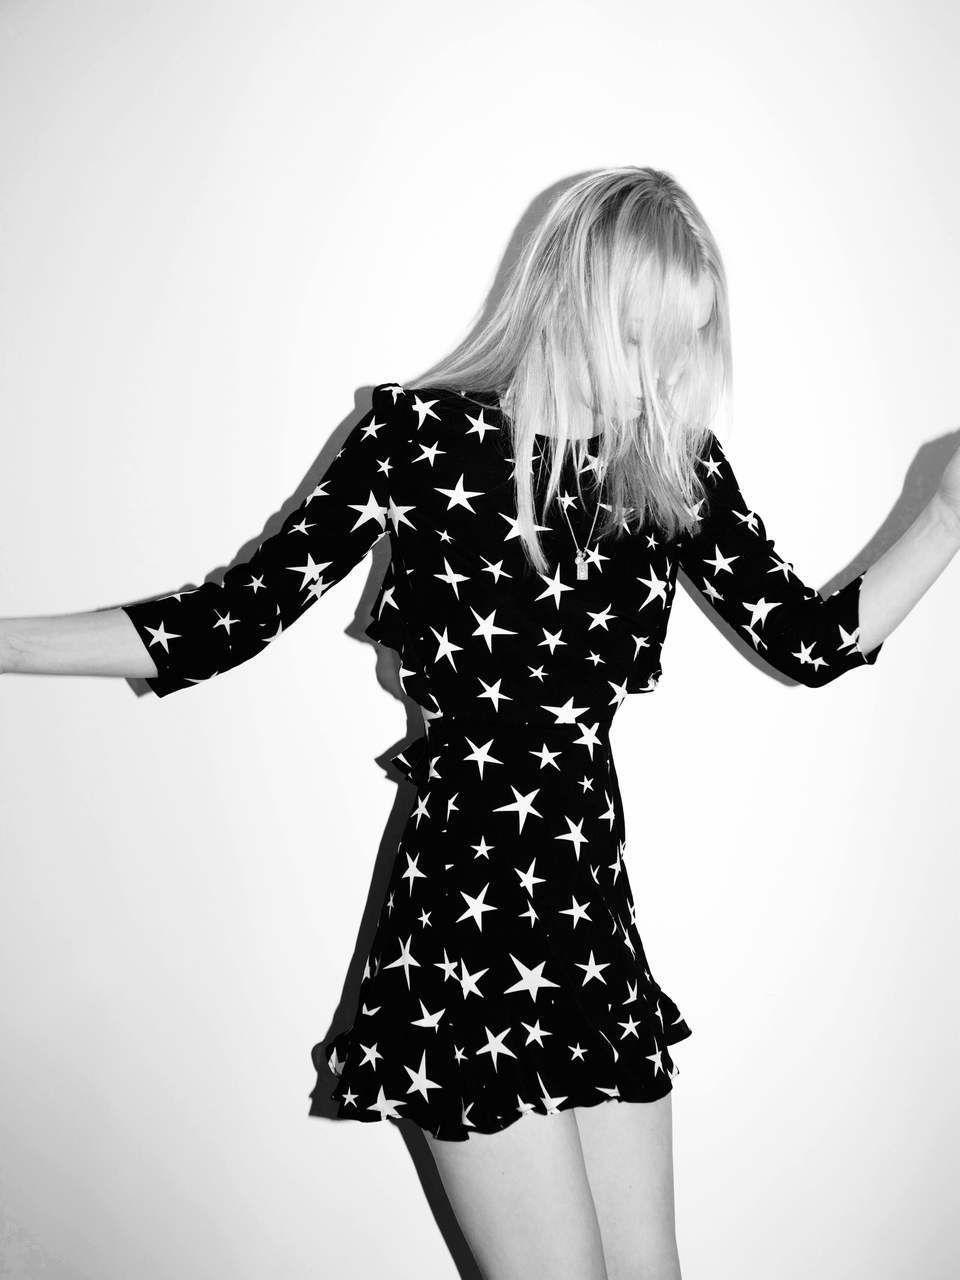 Goldie Star Nude Photos 25